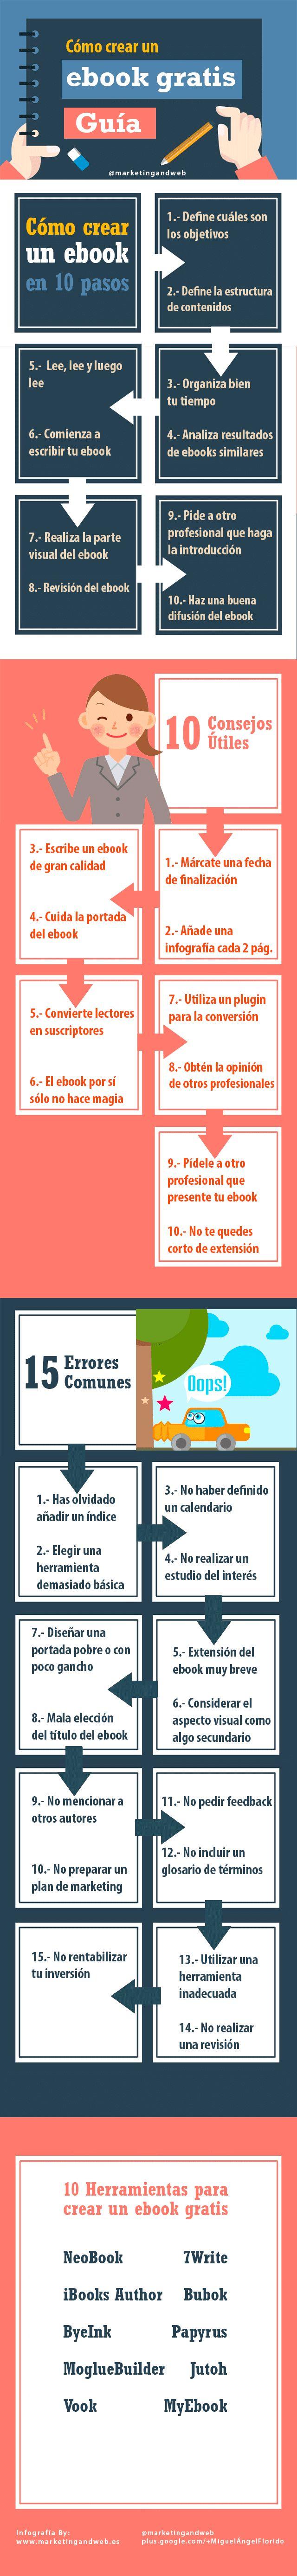 Cómo Crear un Libro Electrónico - 45 Prácticos Tips | #Infografía #Edtech